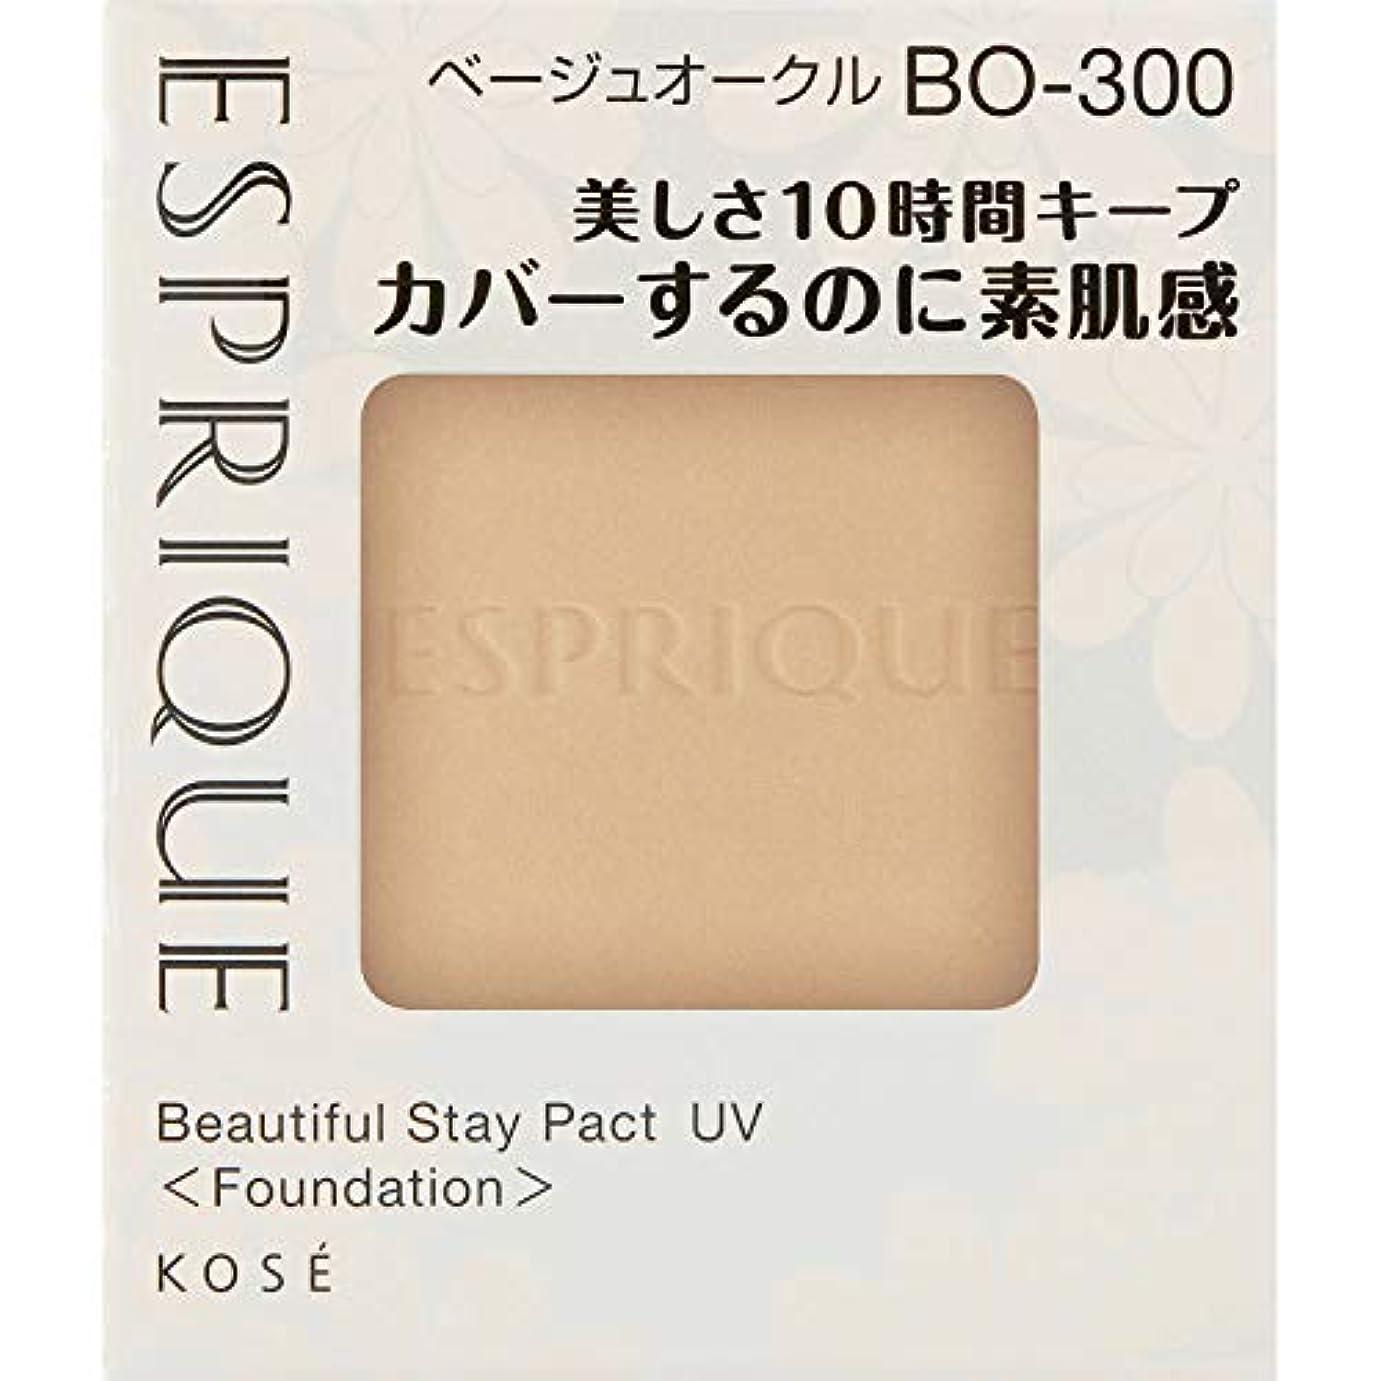 農奴ハーフ晴れエスプリーク カバーするのに素肌感持続 パクト UV BO-300 ベージュオークル 9.3g